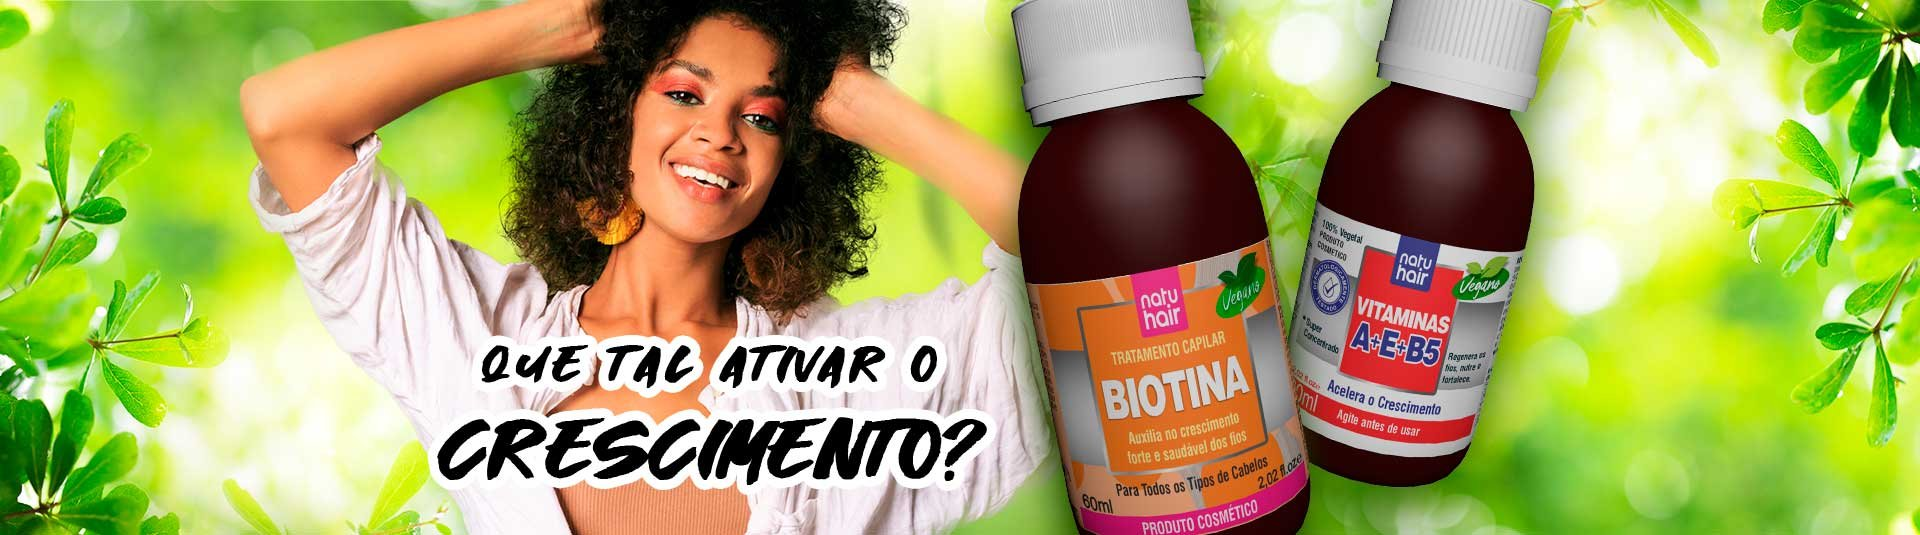 Biotina e Vitaminas A+E+B5